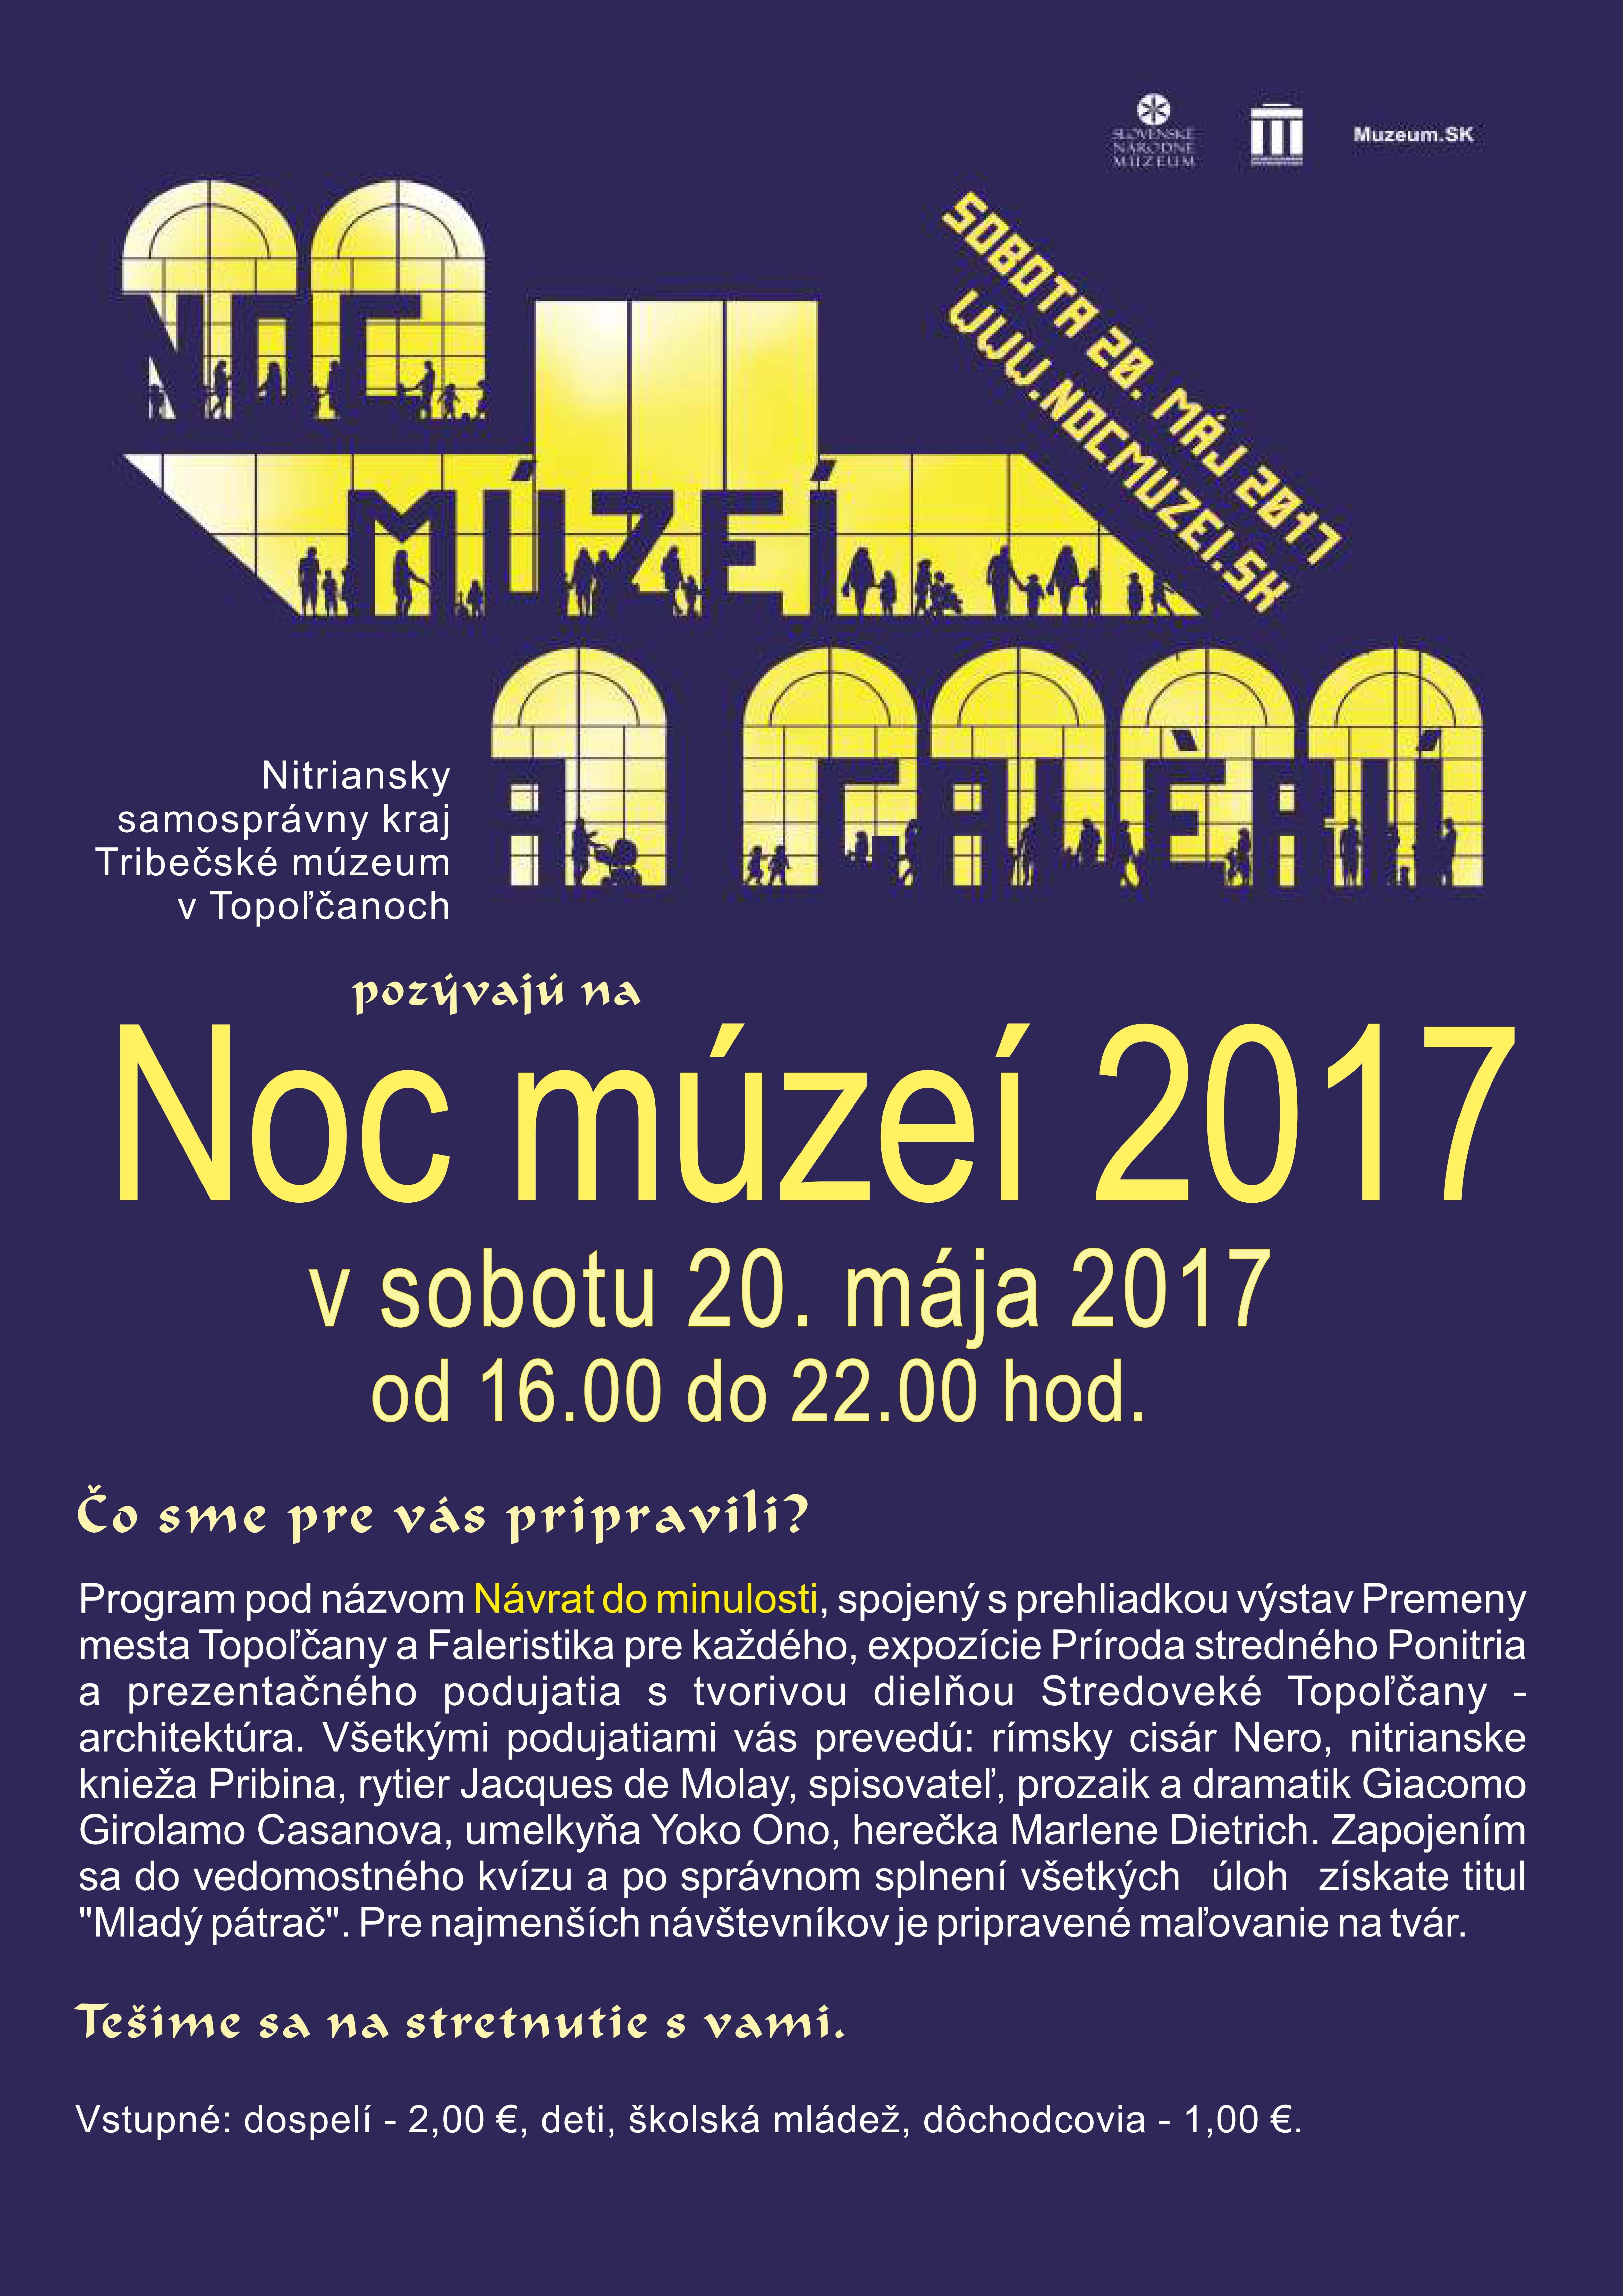 3b492116d3aa0 Nitriansky samosprávny kraj Tribečské múzeum v Topoľčanoch Vás pozývajú v  sobotu 20. mája od 16:00 do 22:00 hod. na Noc múzeí 2017.